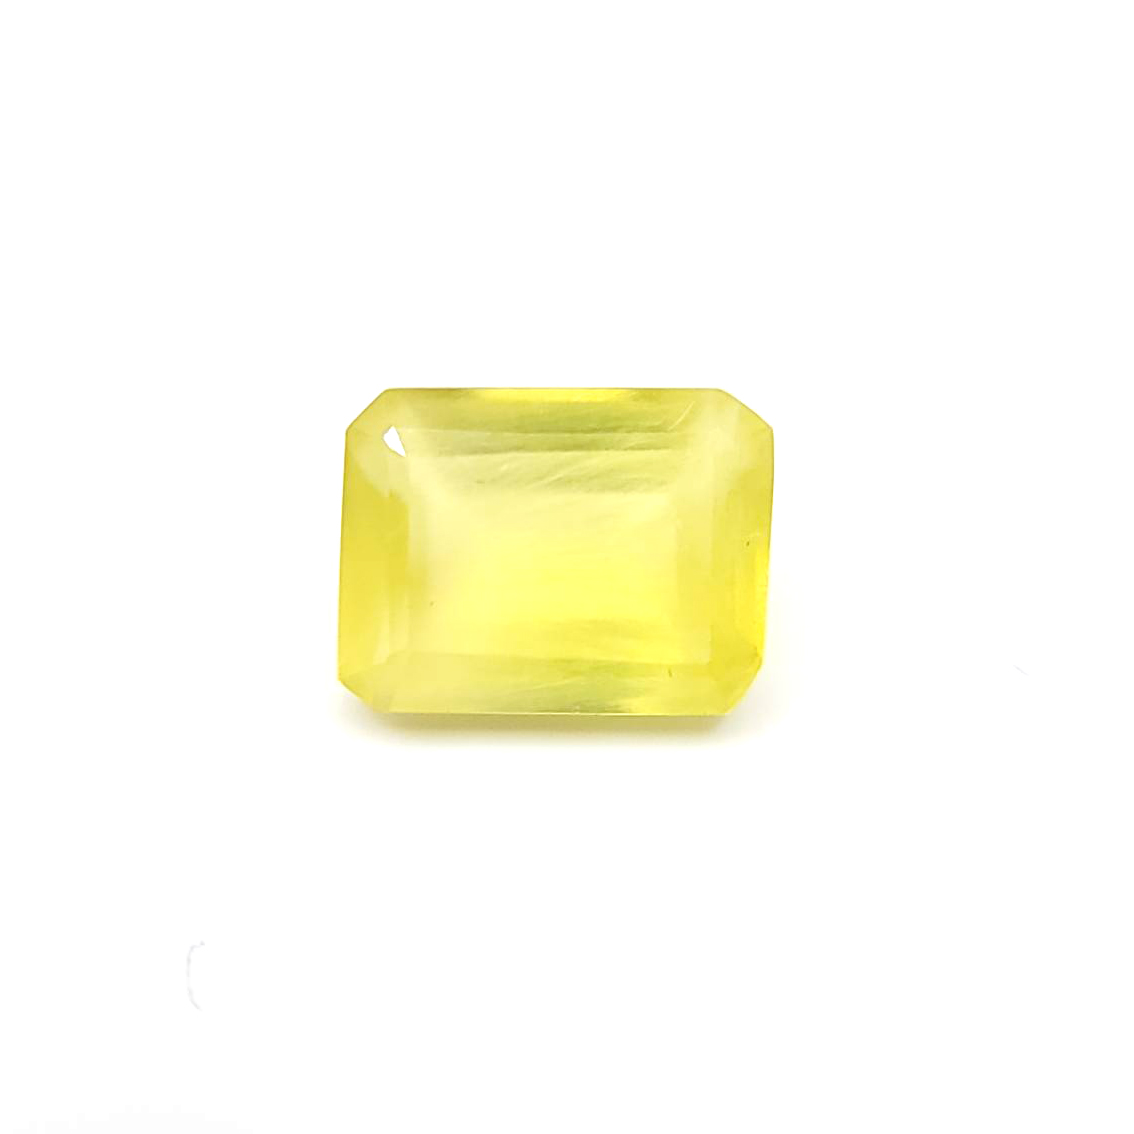 圖示-黃色葡萄石裸石(Prehnite)